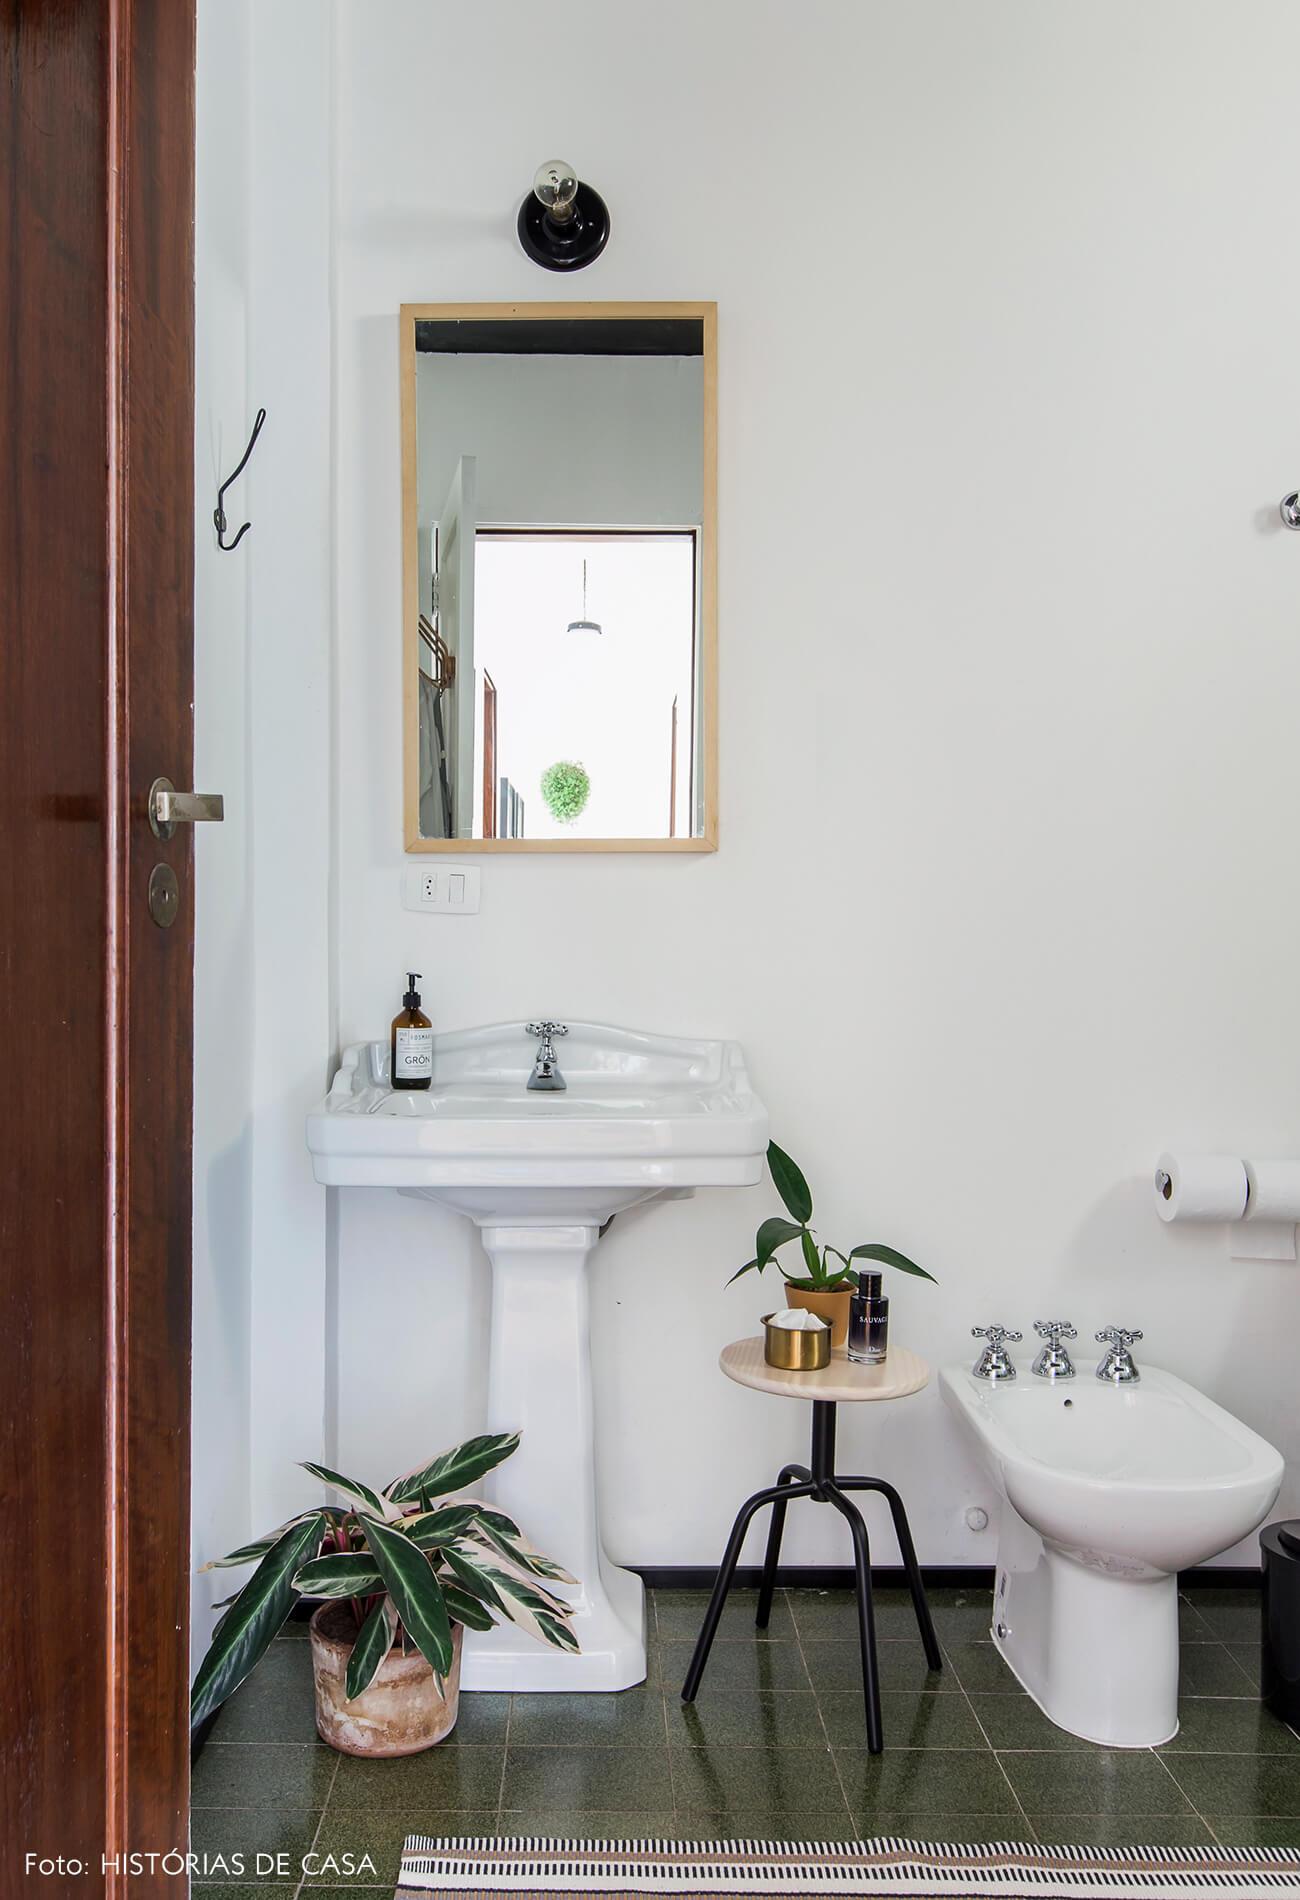 Banheiro com cuba retrô, teto pintado de preto e muitas plantas